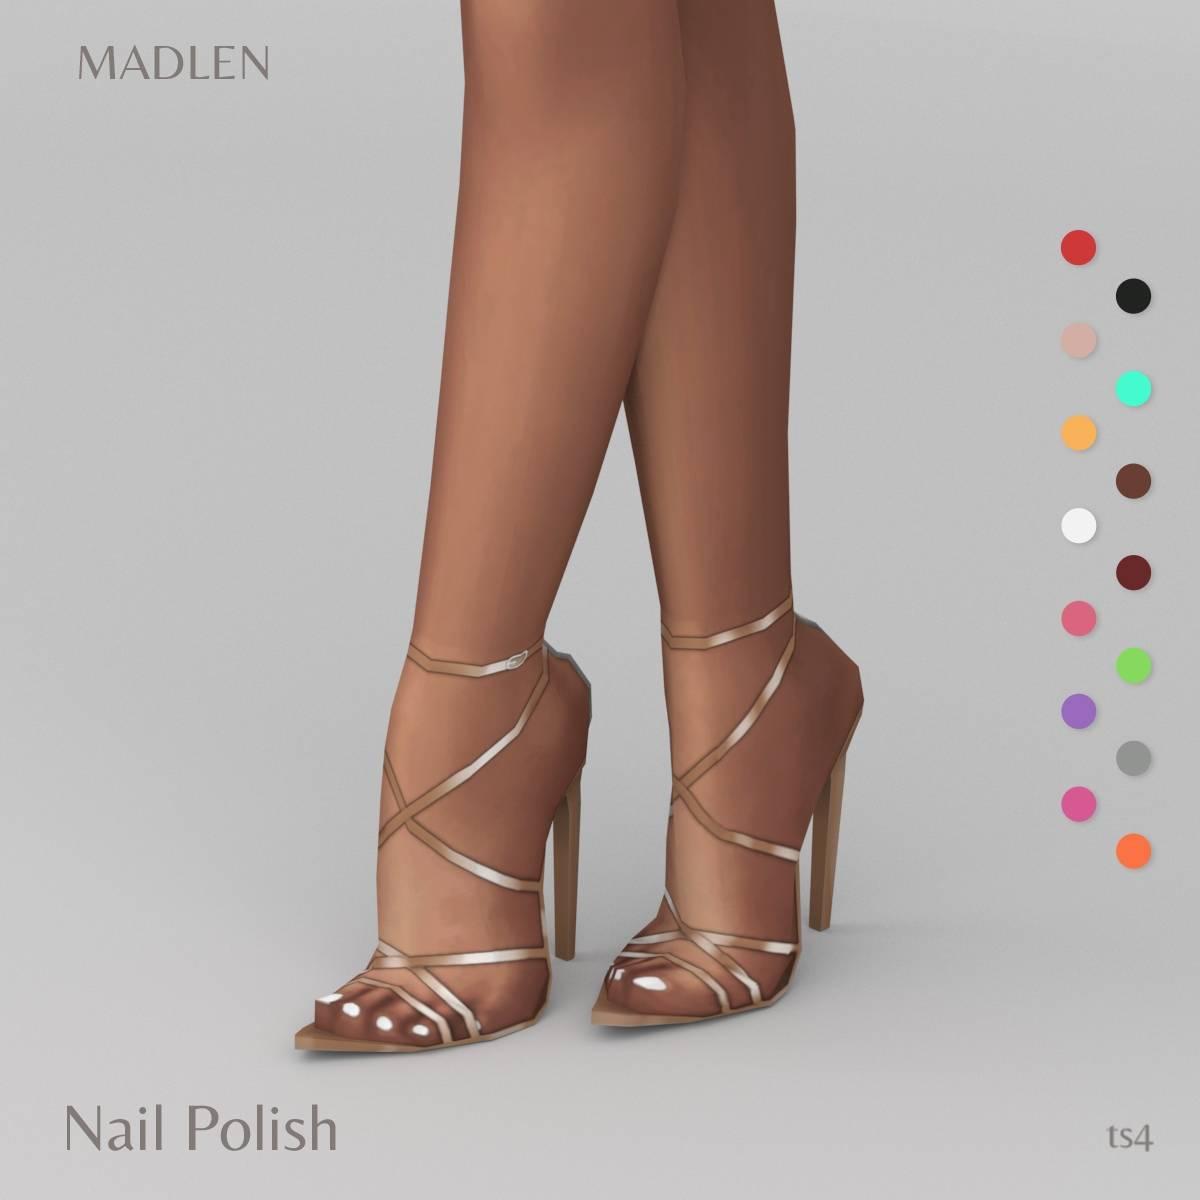 Педикюр - Nail Polish